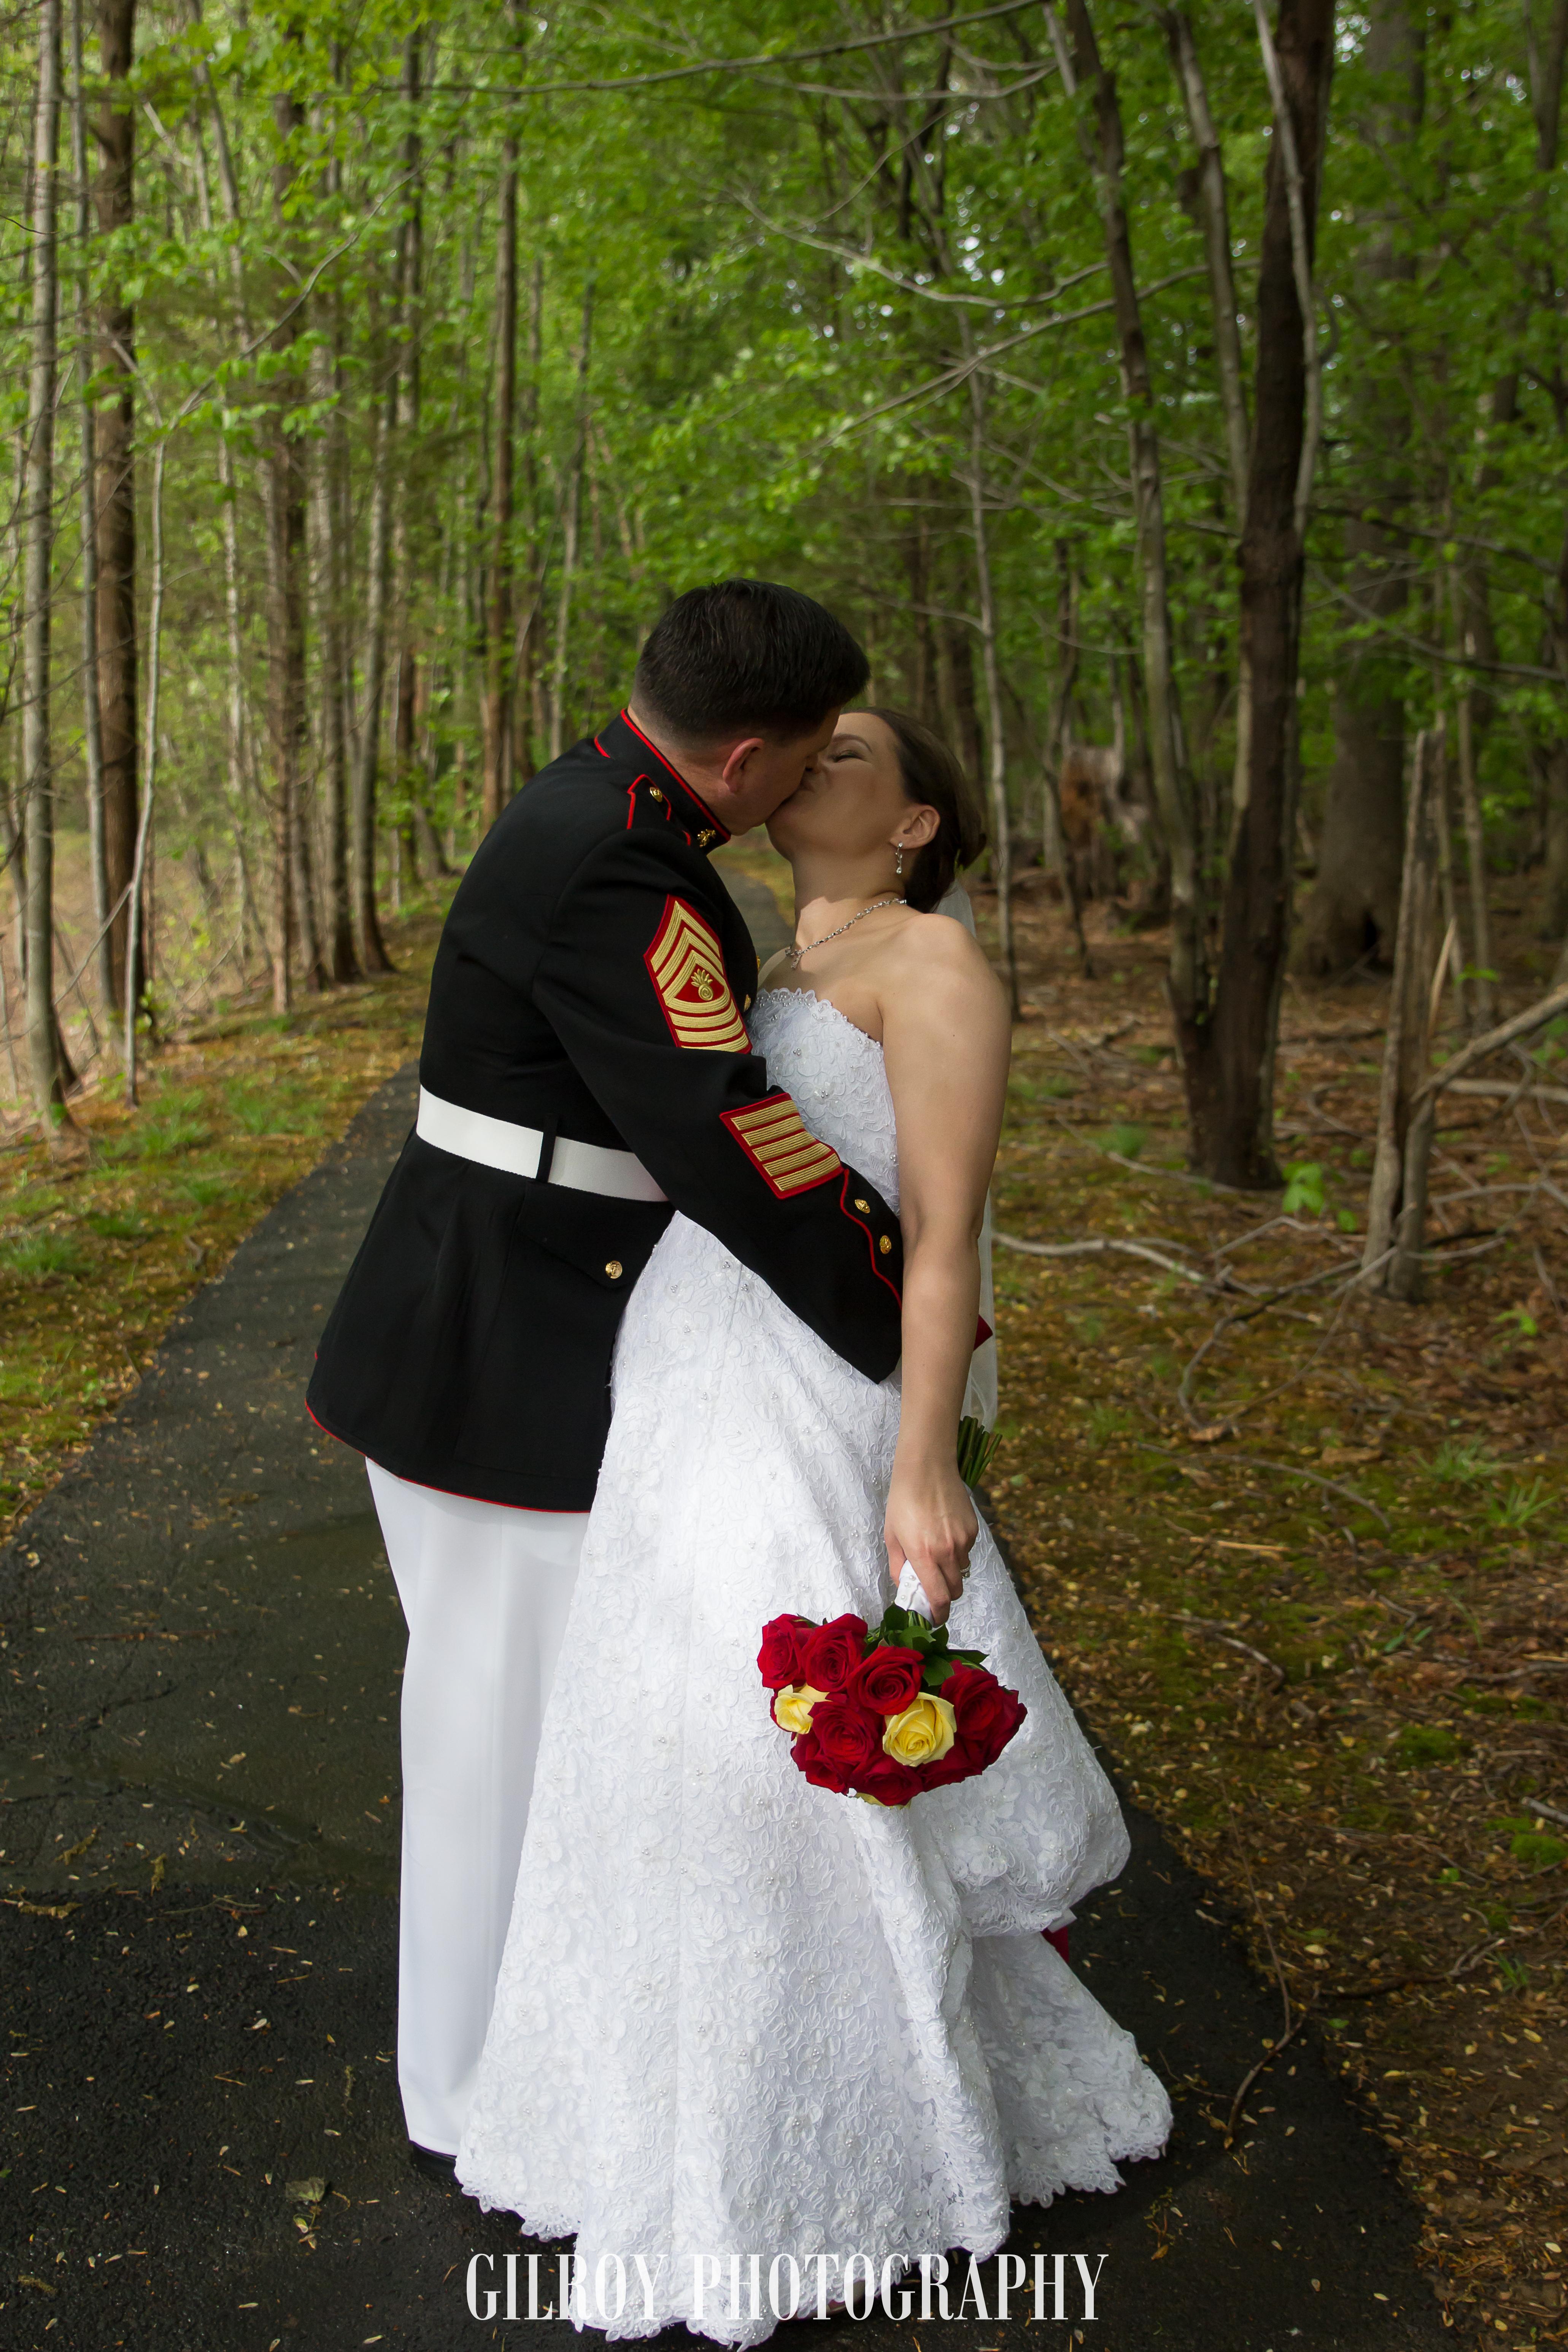 Hilton Garden Inn Fairfax Virginia Wedding Photographer | GILROY ...